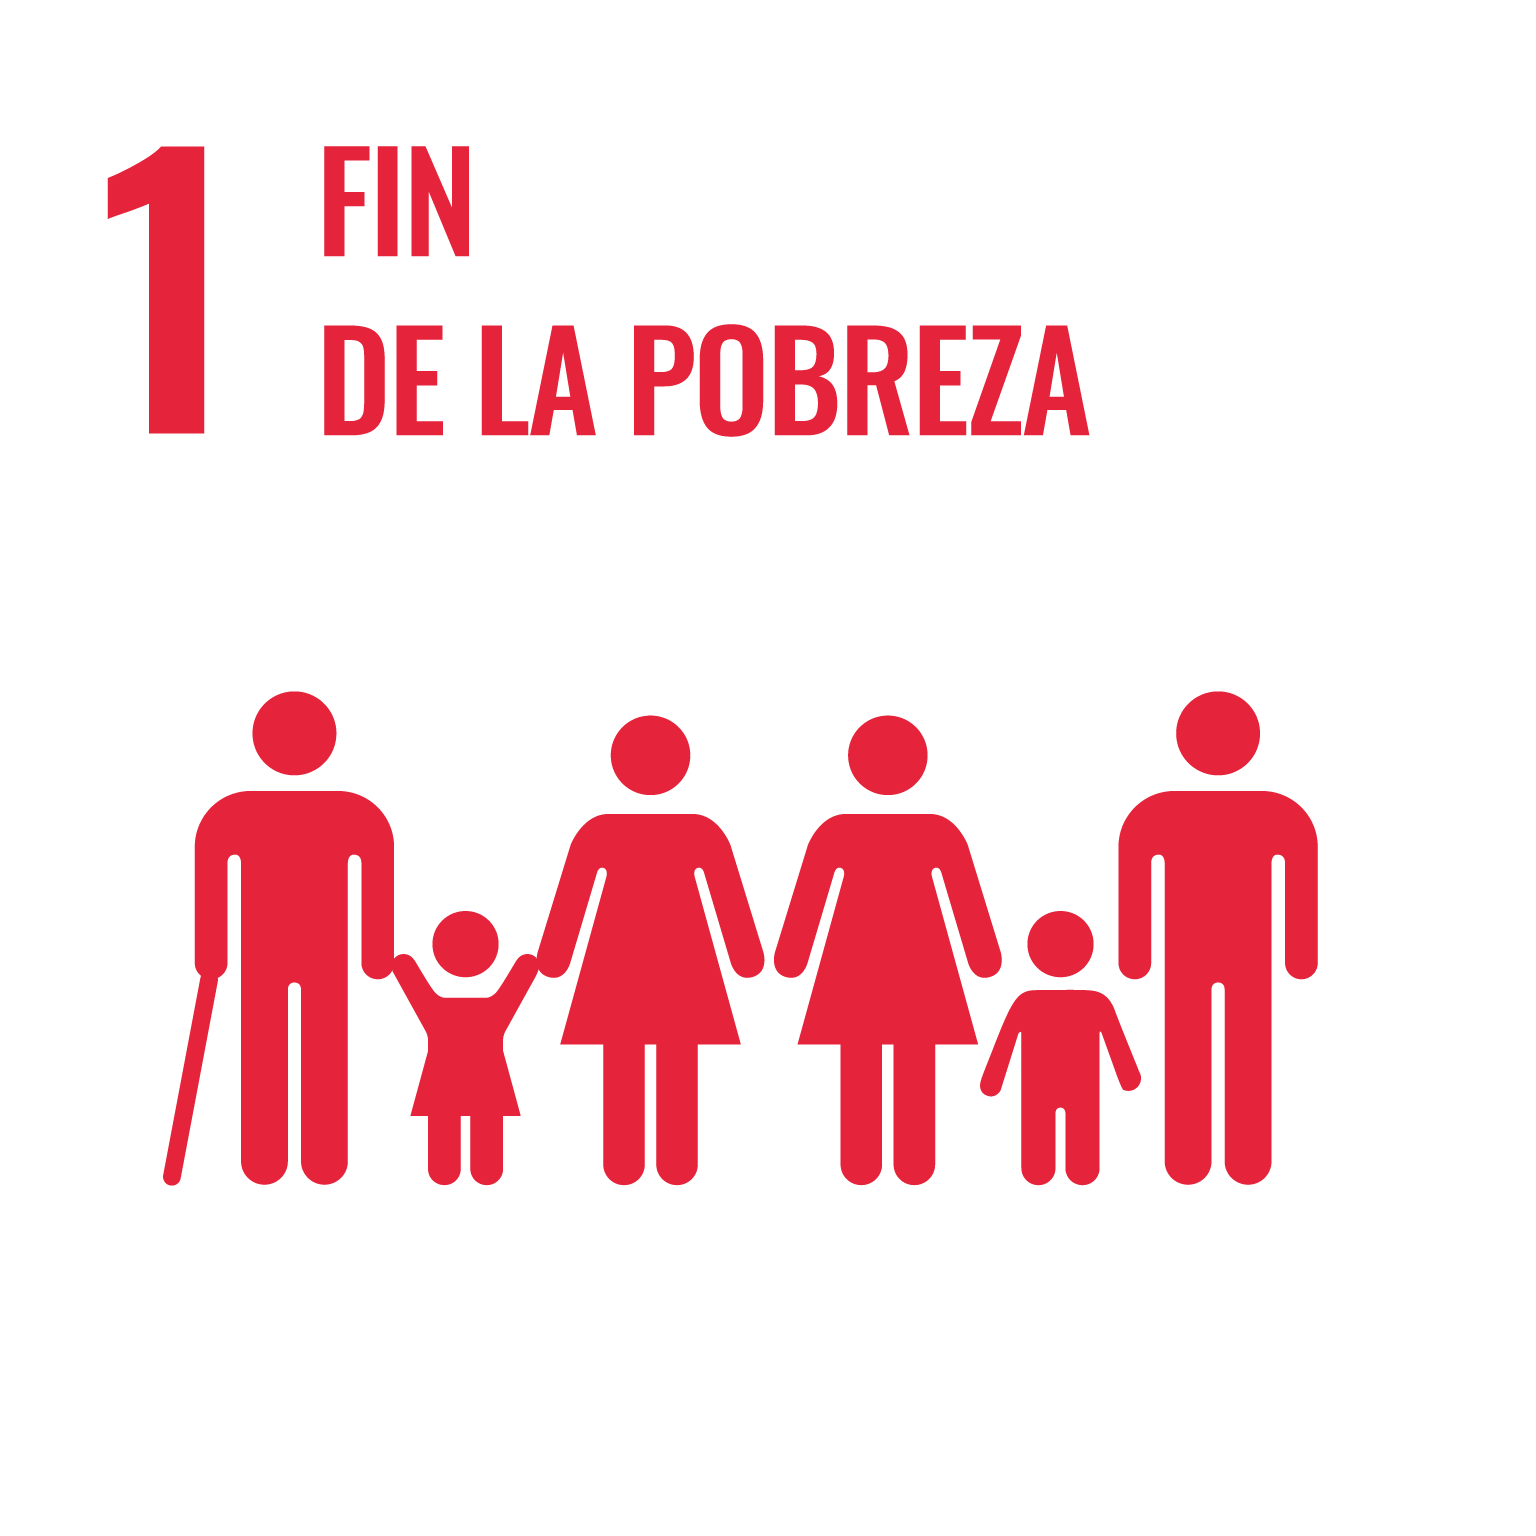 Icono del Objetivo de Desarrollo Sostenible Fin de la pobreza